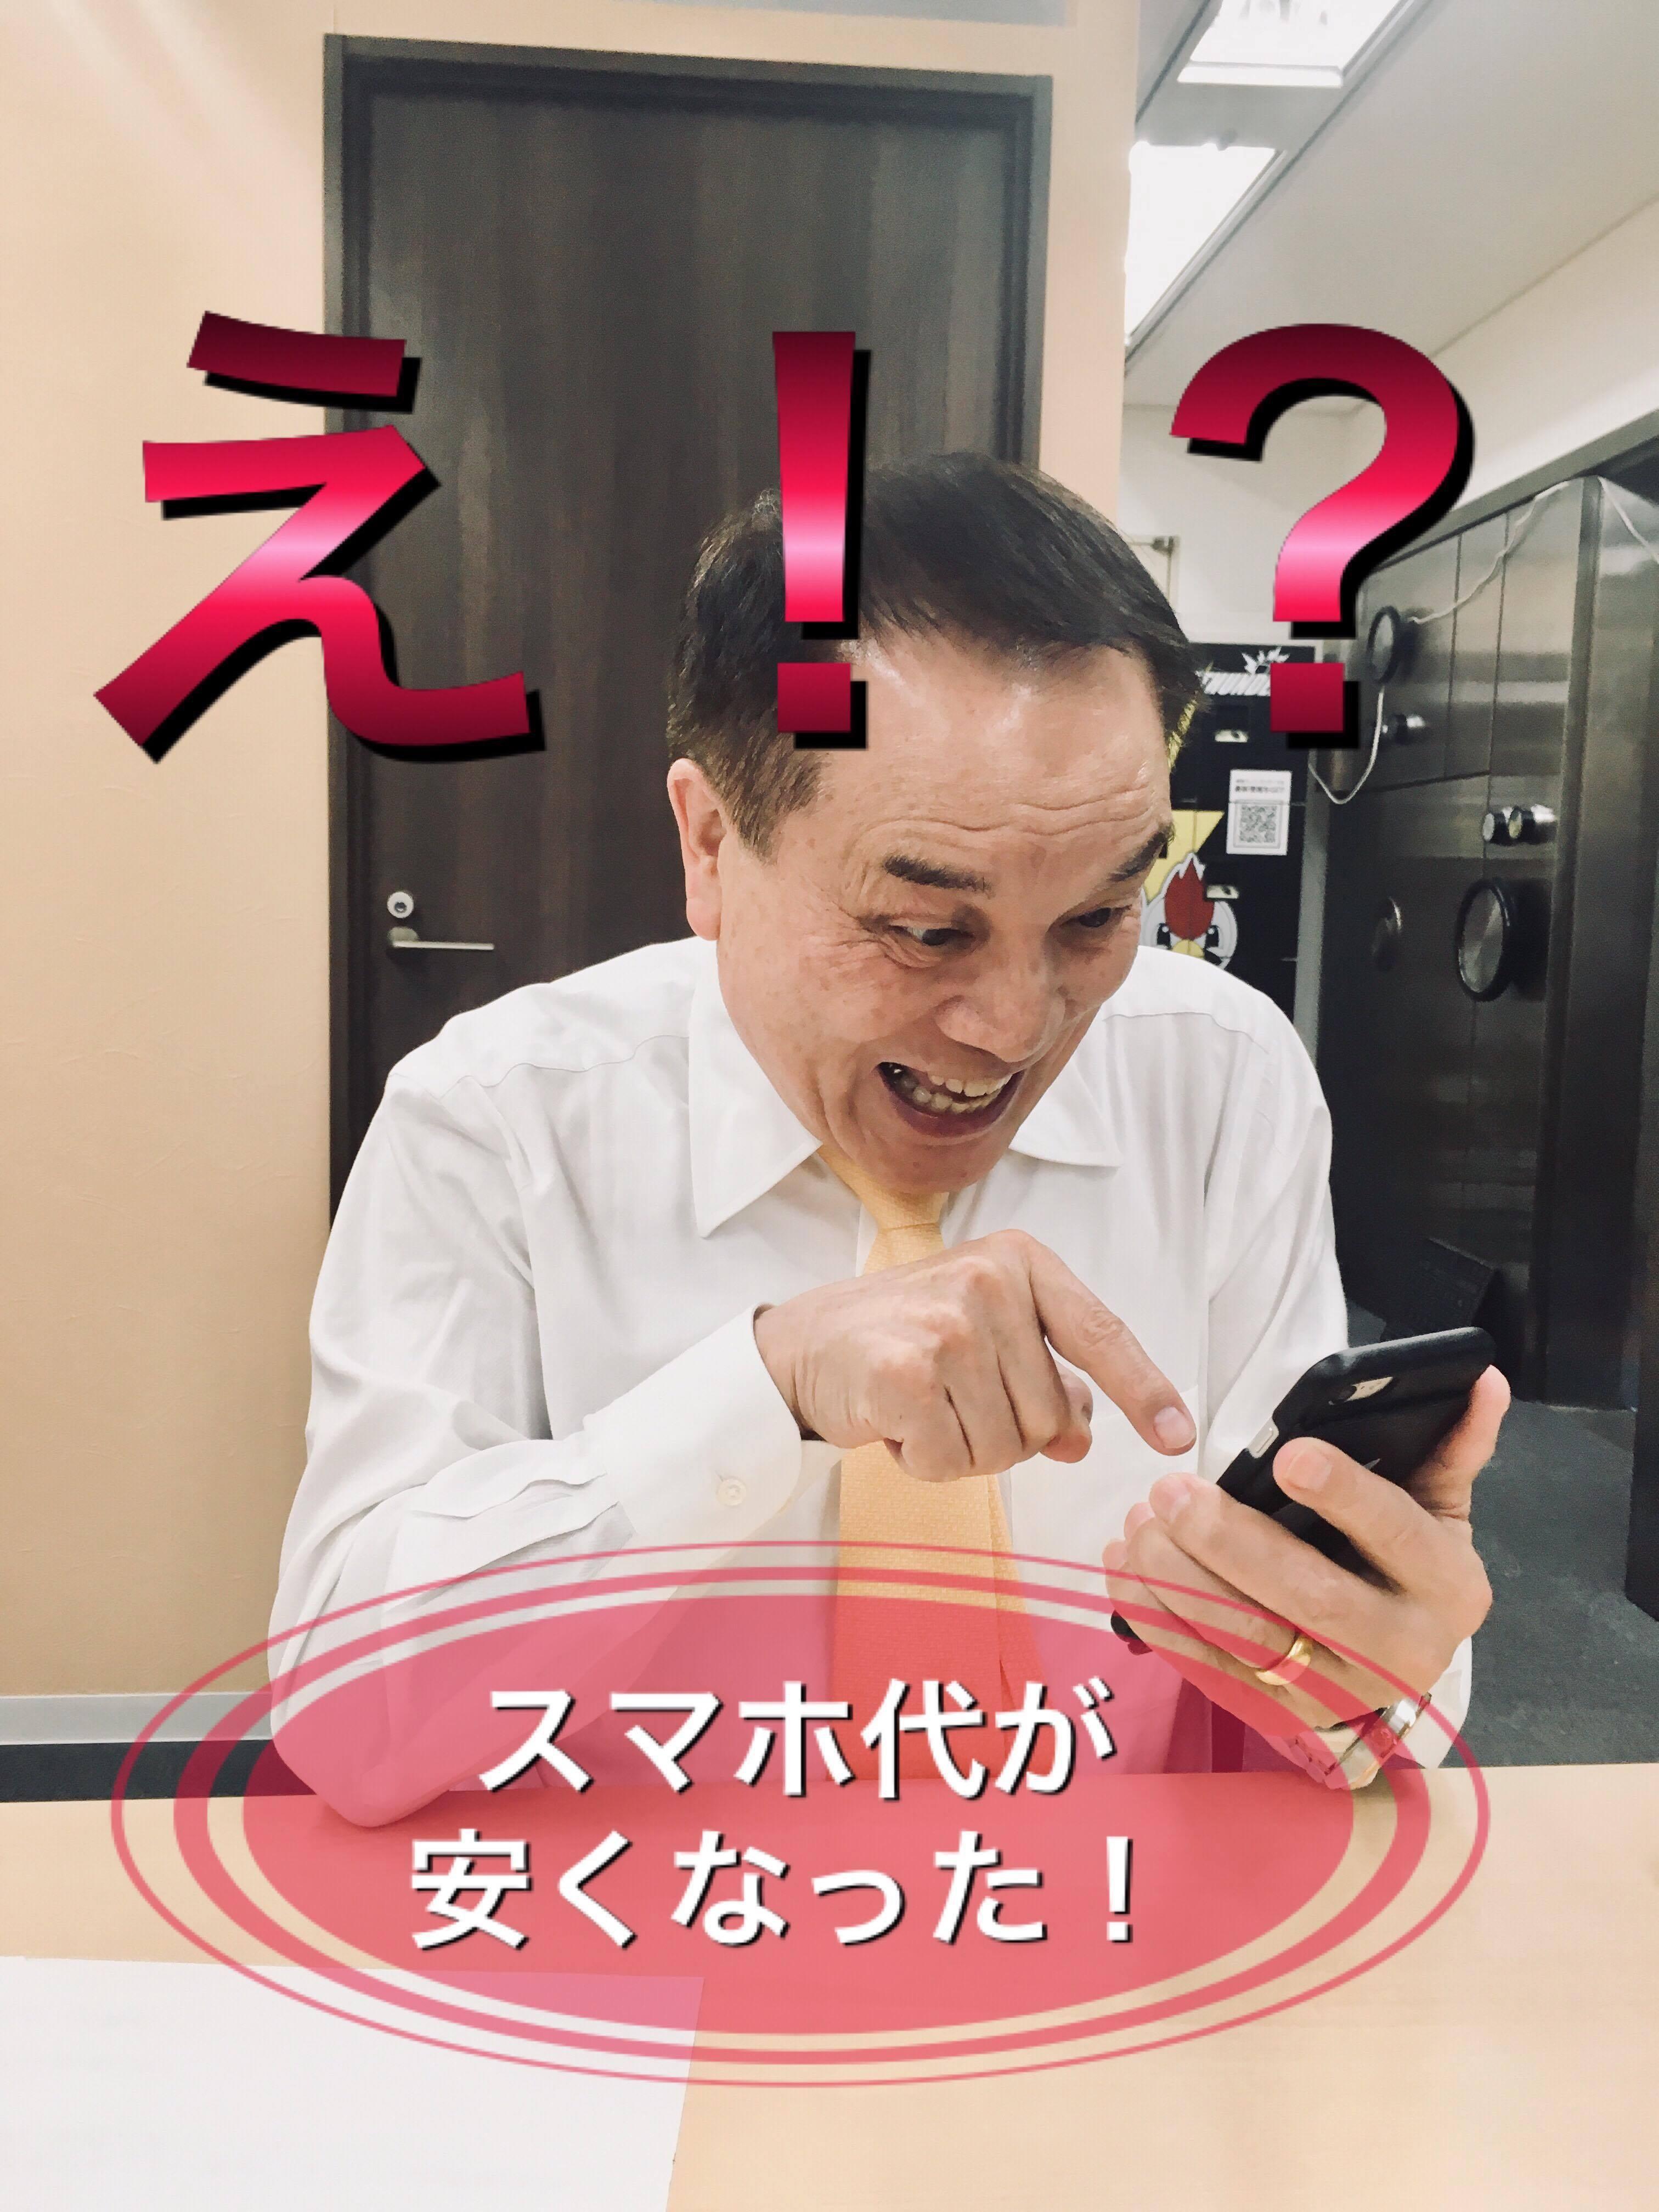 「格安スマホ」カウンセリング 〜 ペンギンモバイル事業 参入〜のイメージその1